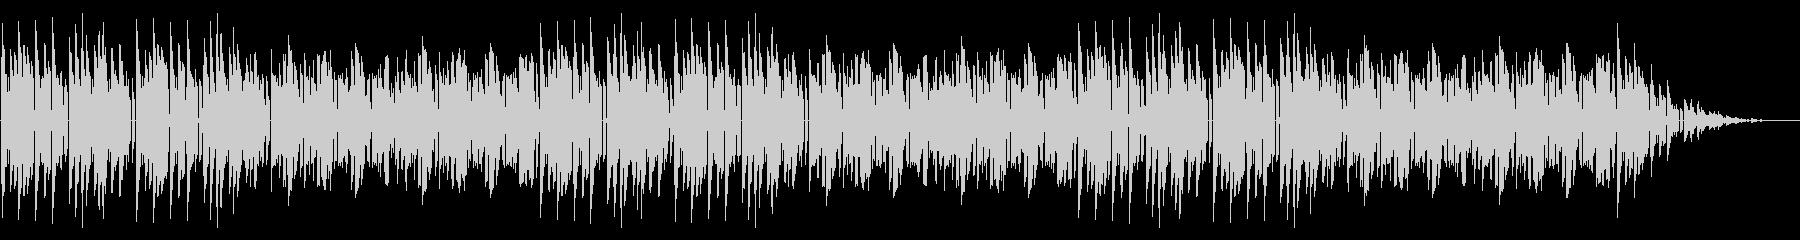 GB風東洋ボードゲームのタイトル曲の未再生の波形